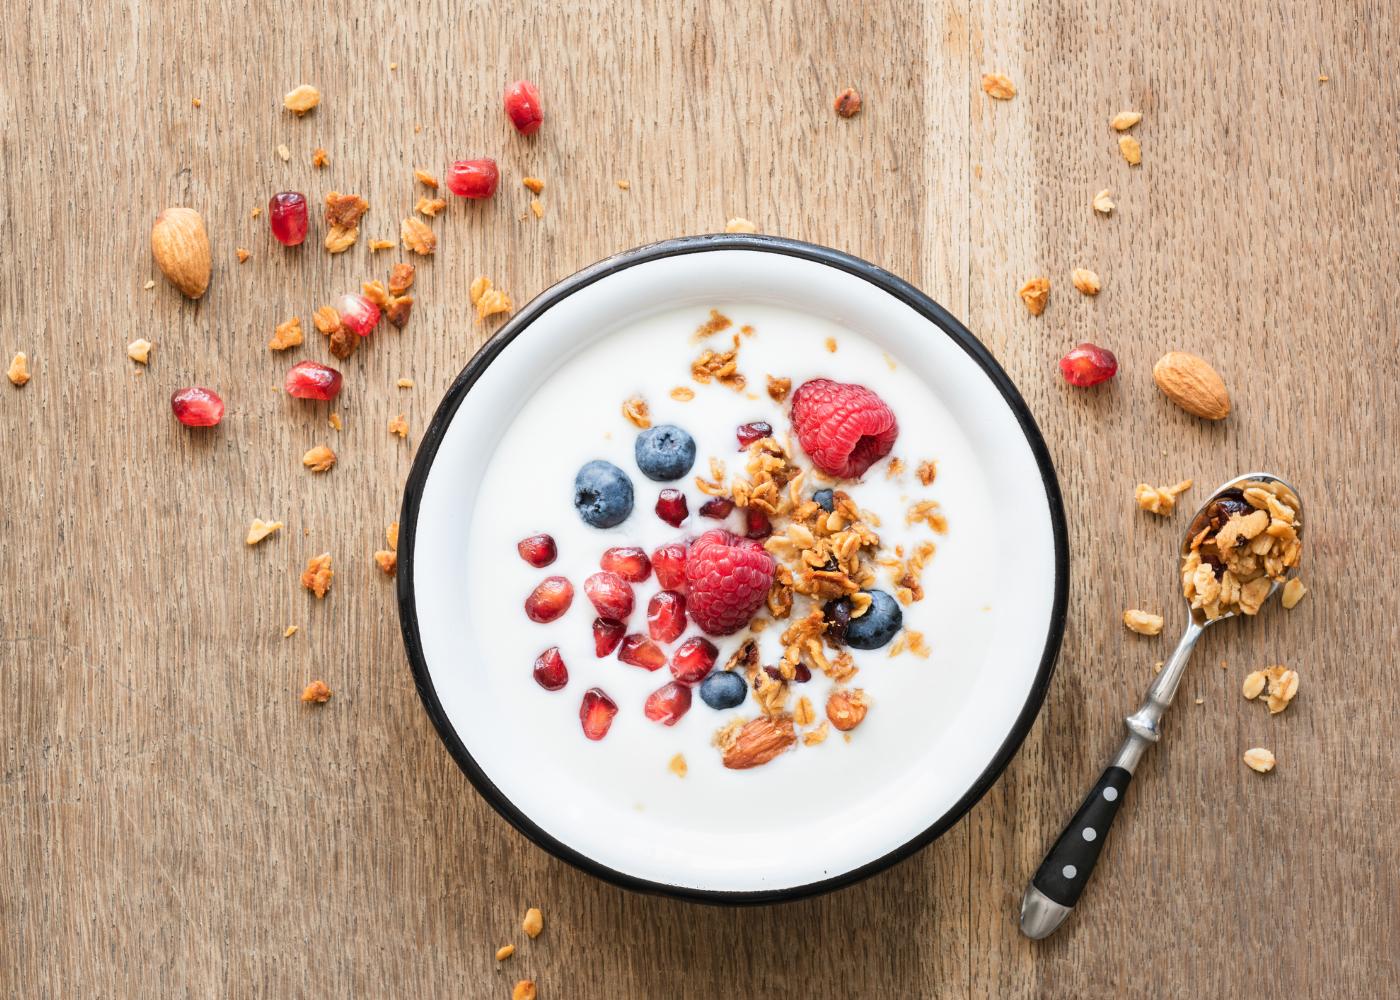 Receitas saudáveis para crianças: iogurte natural com cereais